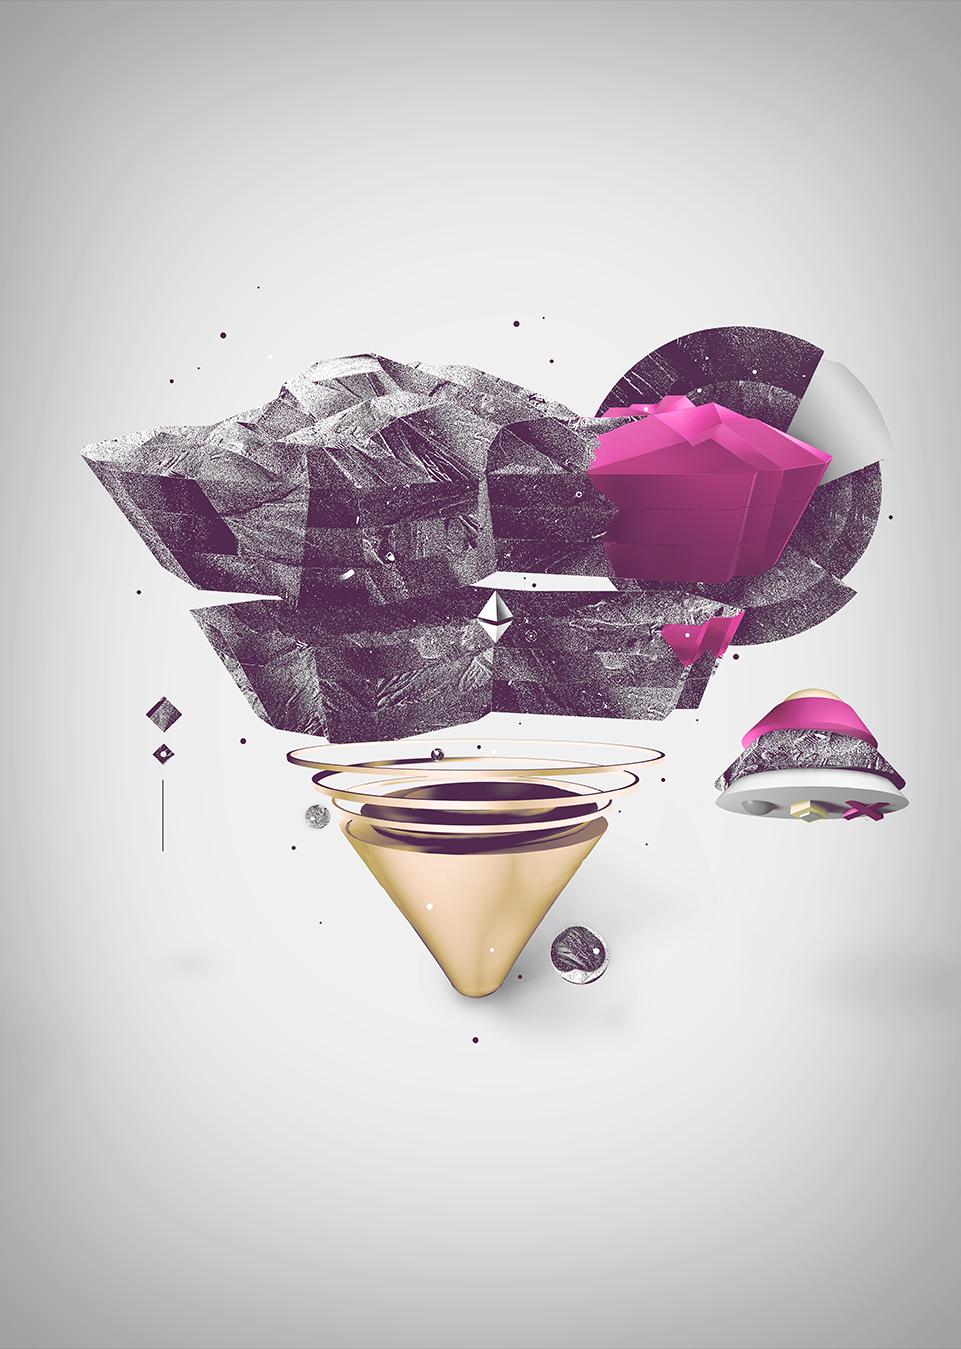 11 Amazing Graphic Design Images Amazing Graphic Design